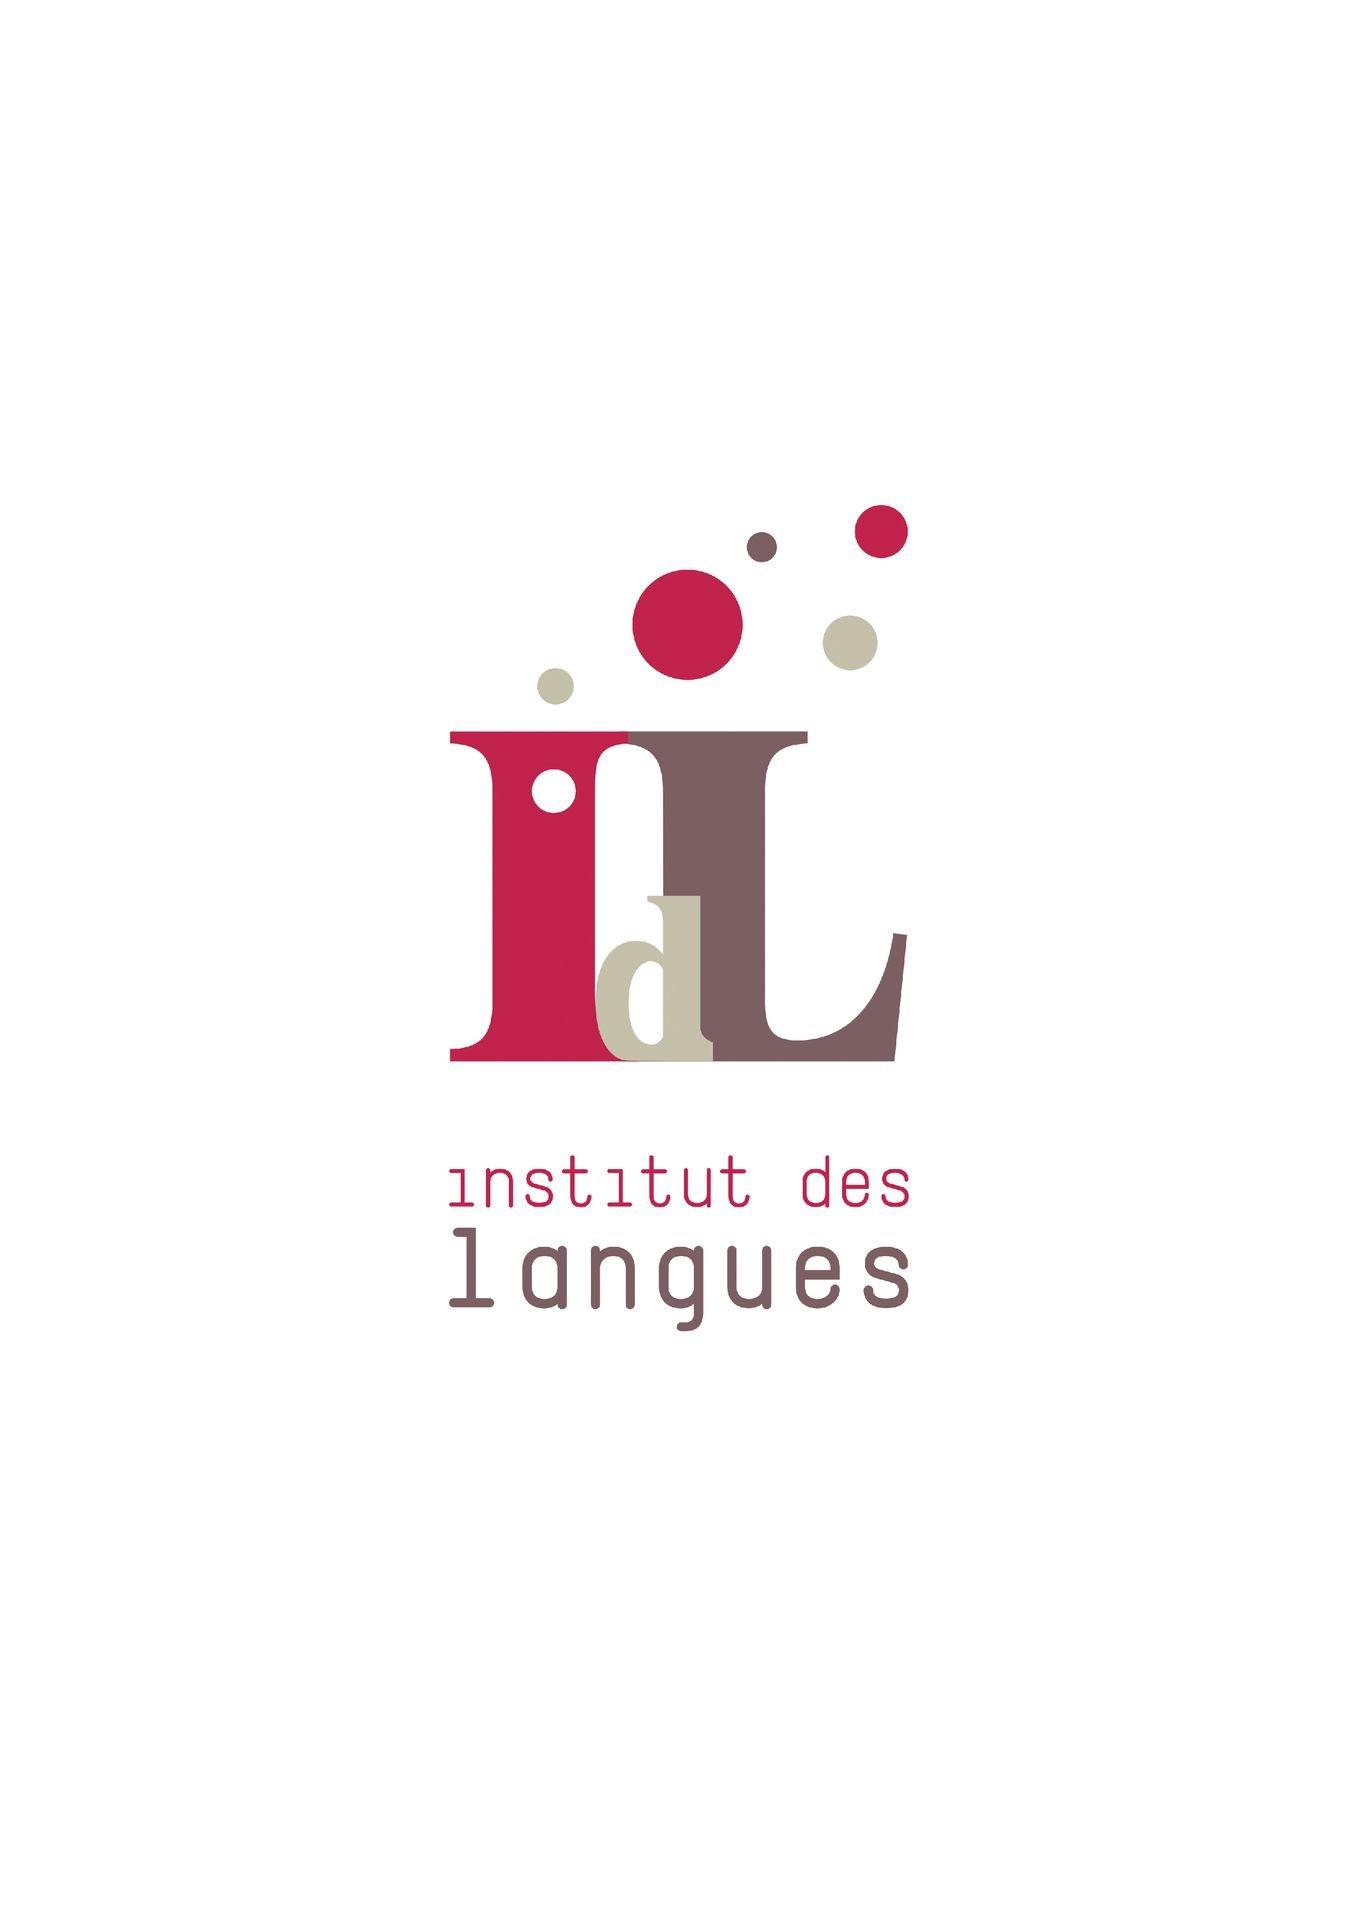 Logo IDLangues Institut des Langues Avignon-Centre